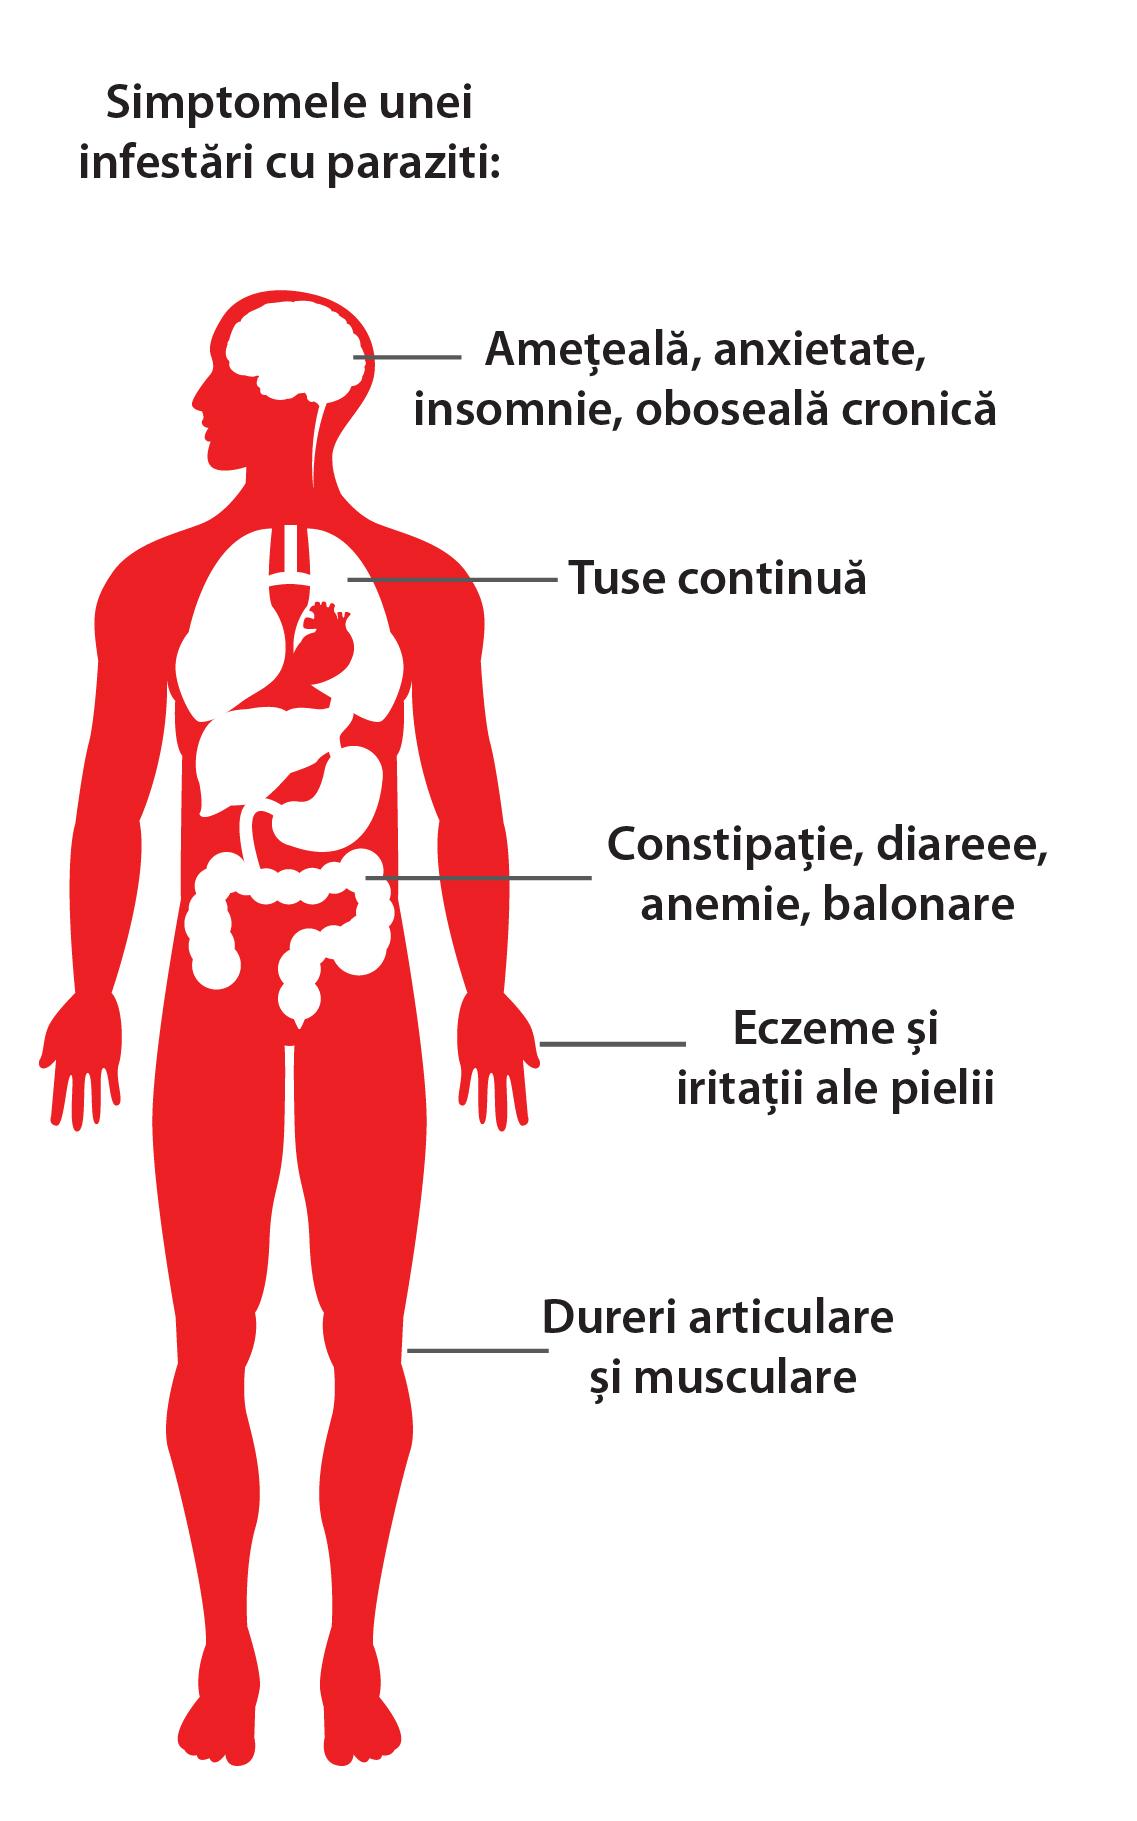 paraziți în corpul uman și tratamentul medicamentos)